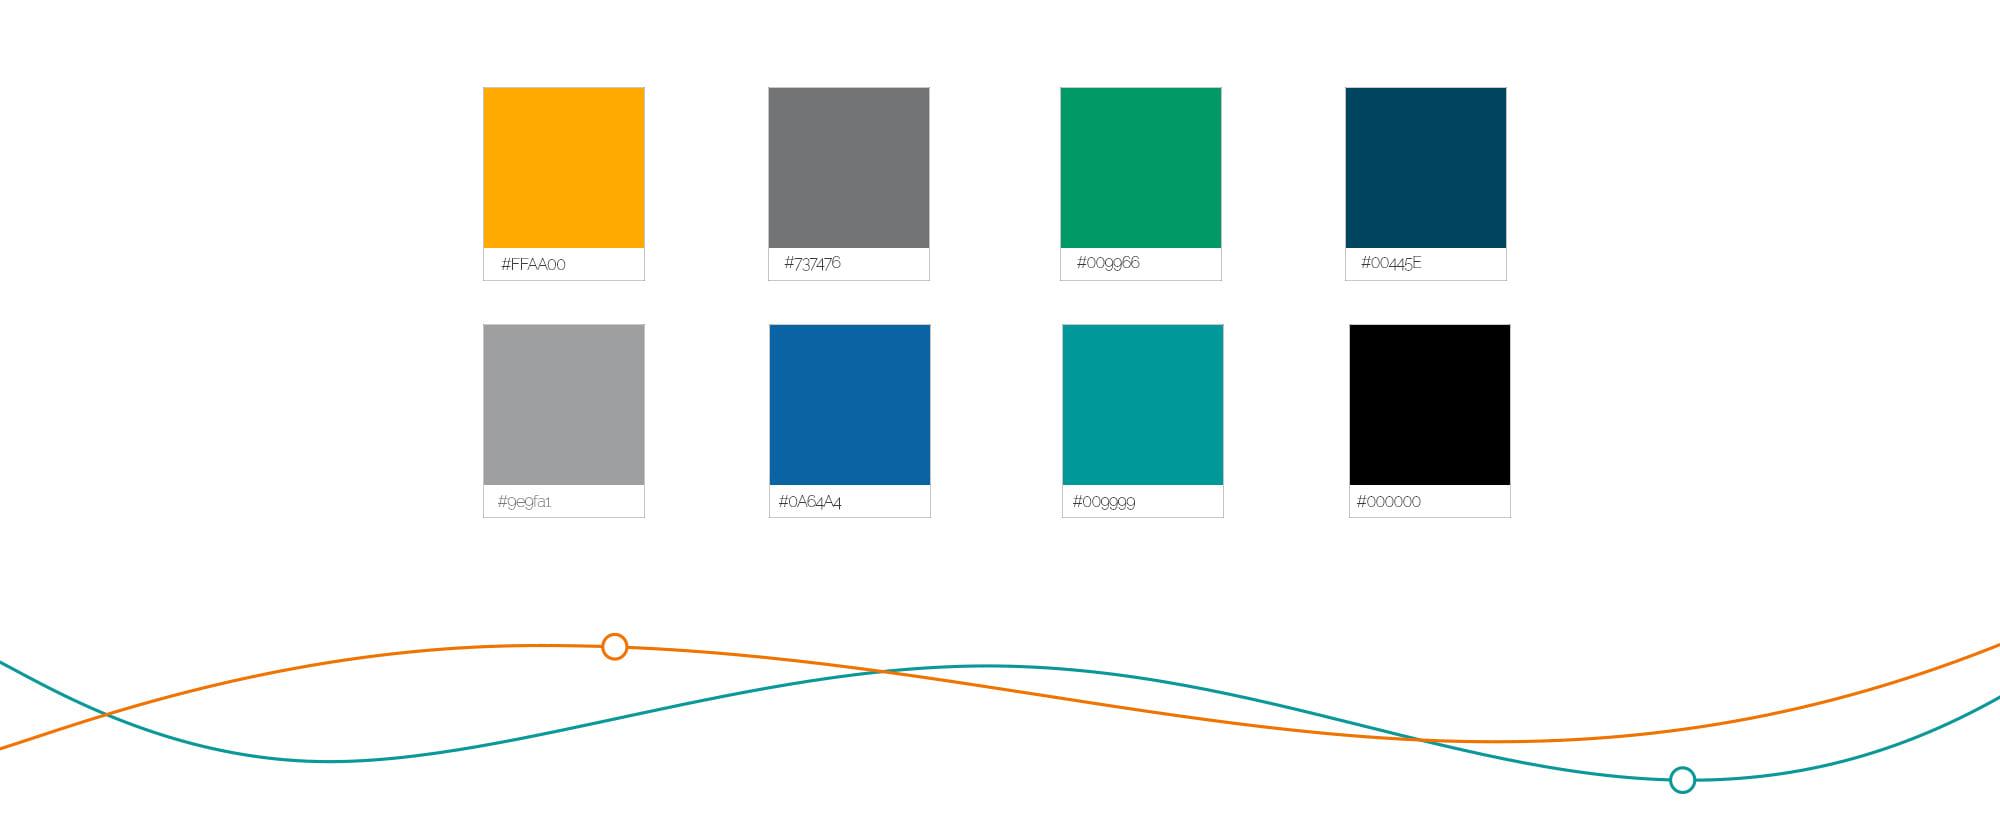 Дизайн и верстка b2b портала - цветовая гамма сайта